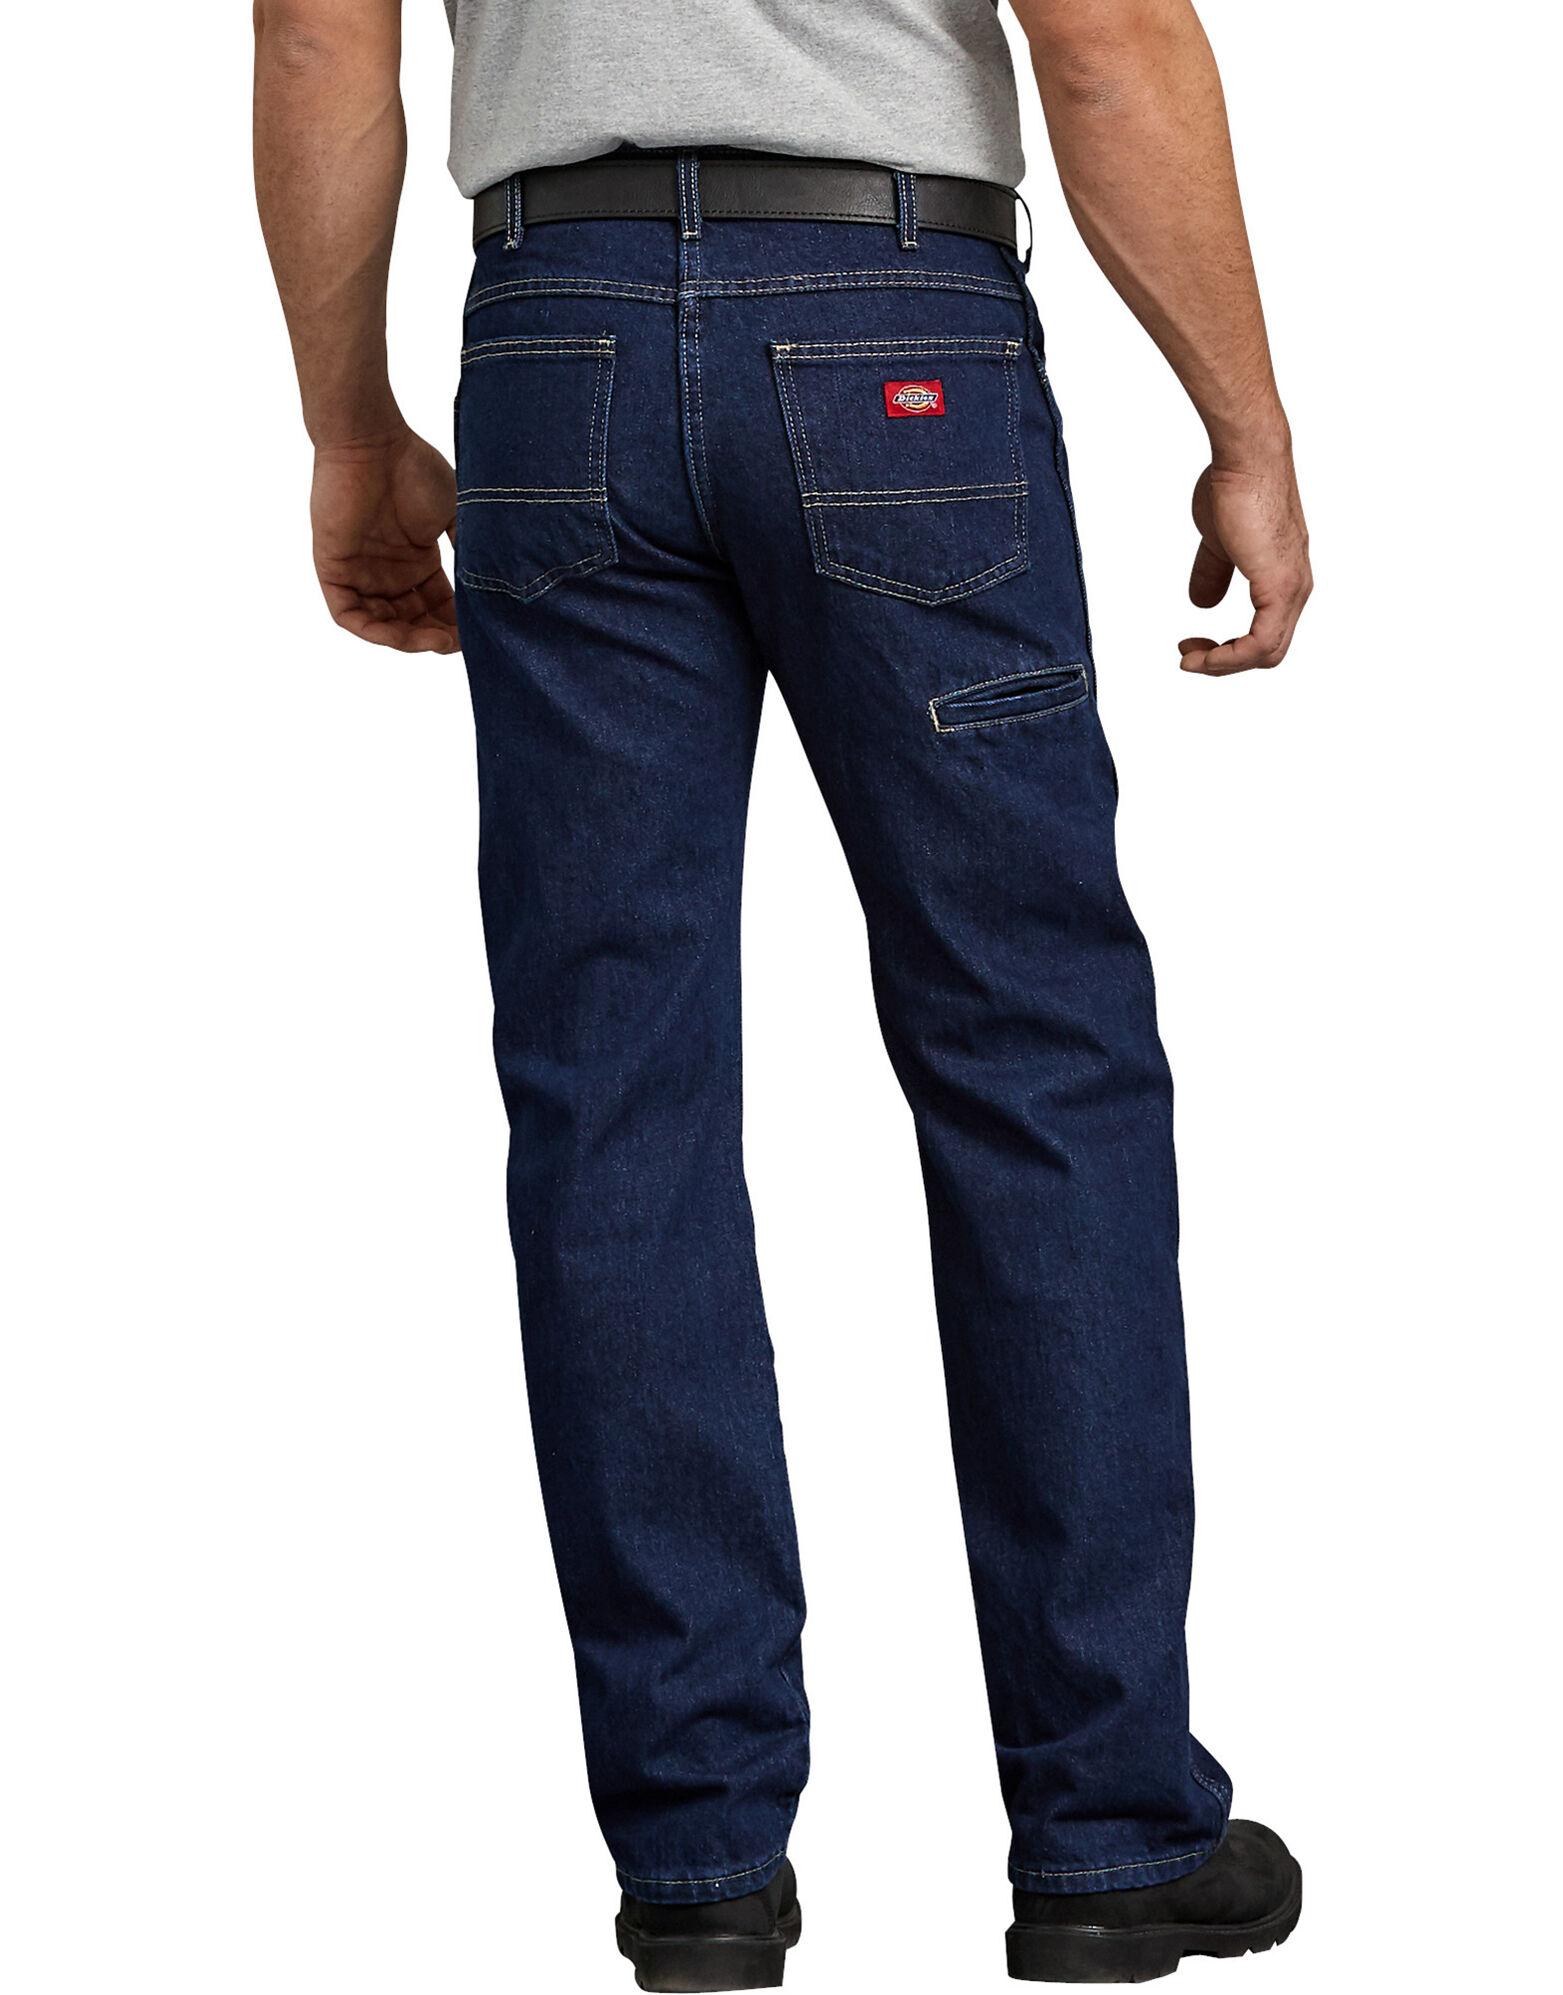 regular straight fit 6 pocket denim jean mens jeans dickies. Black Bedroom Furniture Sets. Home Design Ideas